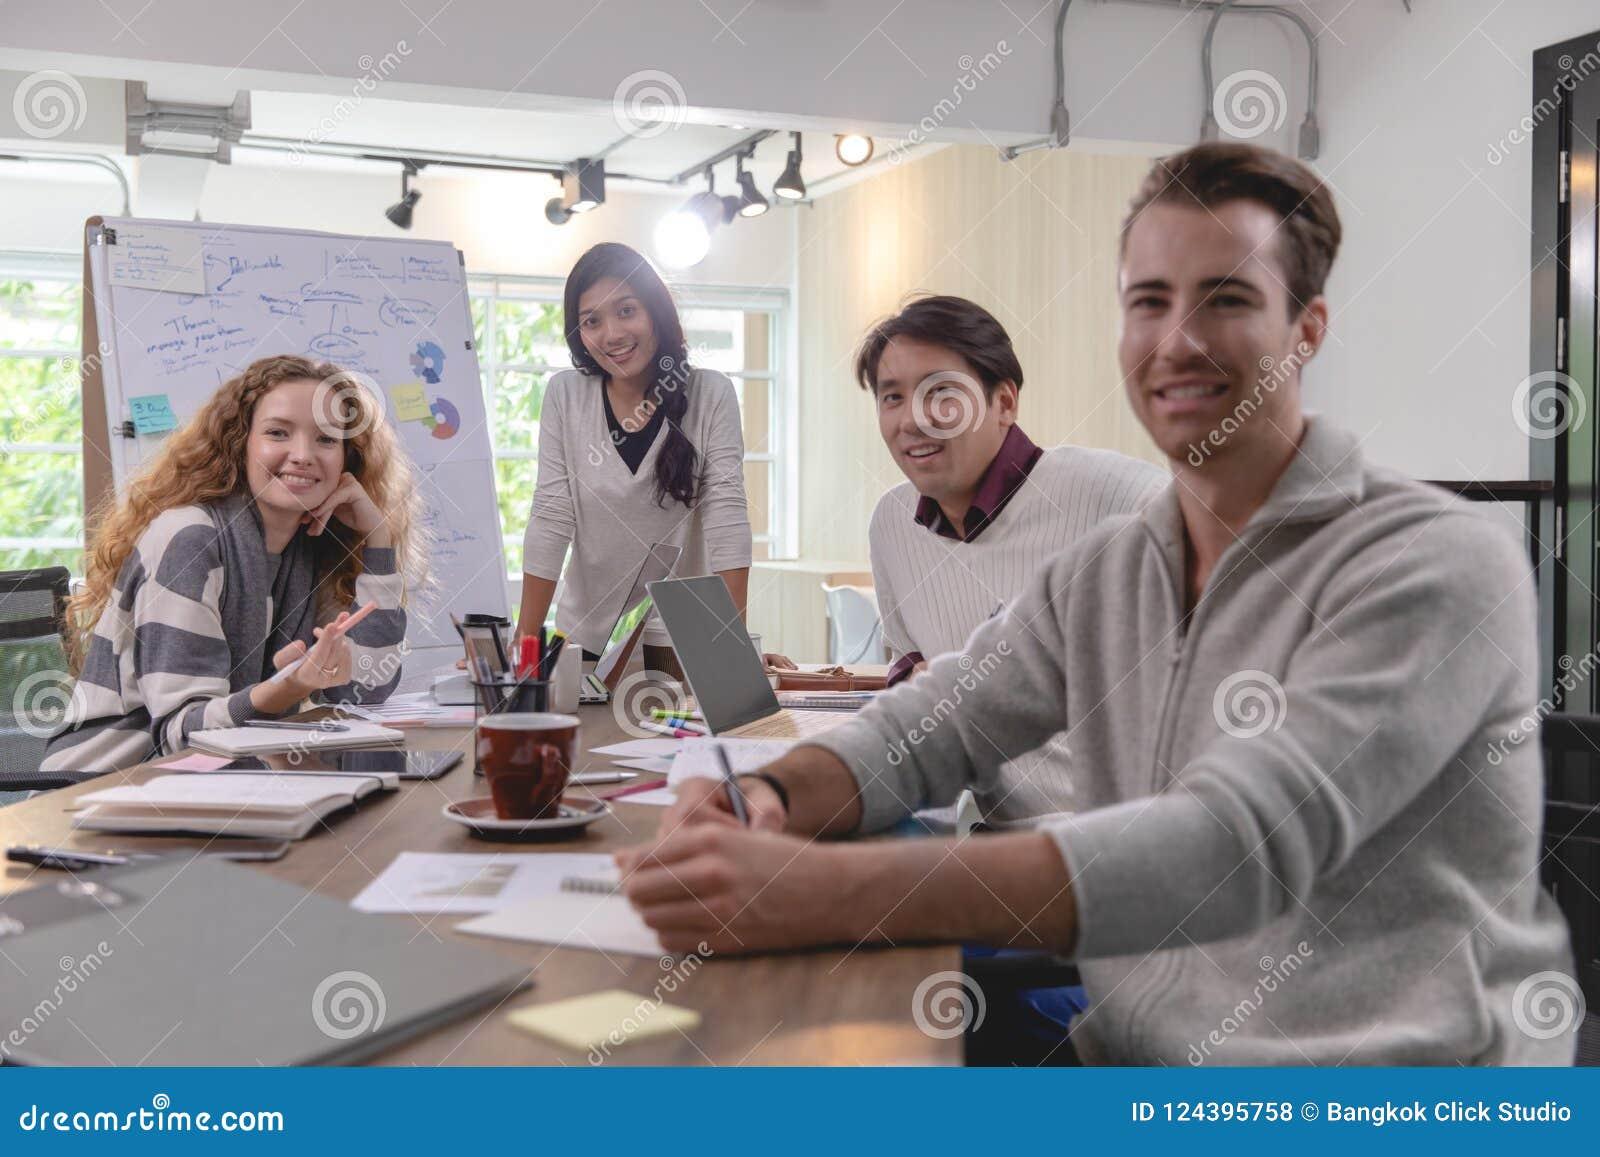 Ομάδα επιχειρηματιών ποικιλομορφίας που απασχολούνται μαζί στο  brainstorming  μέσα